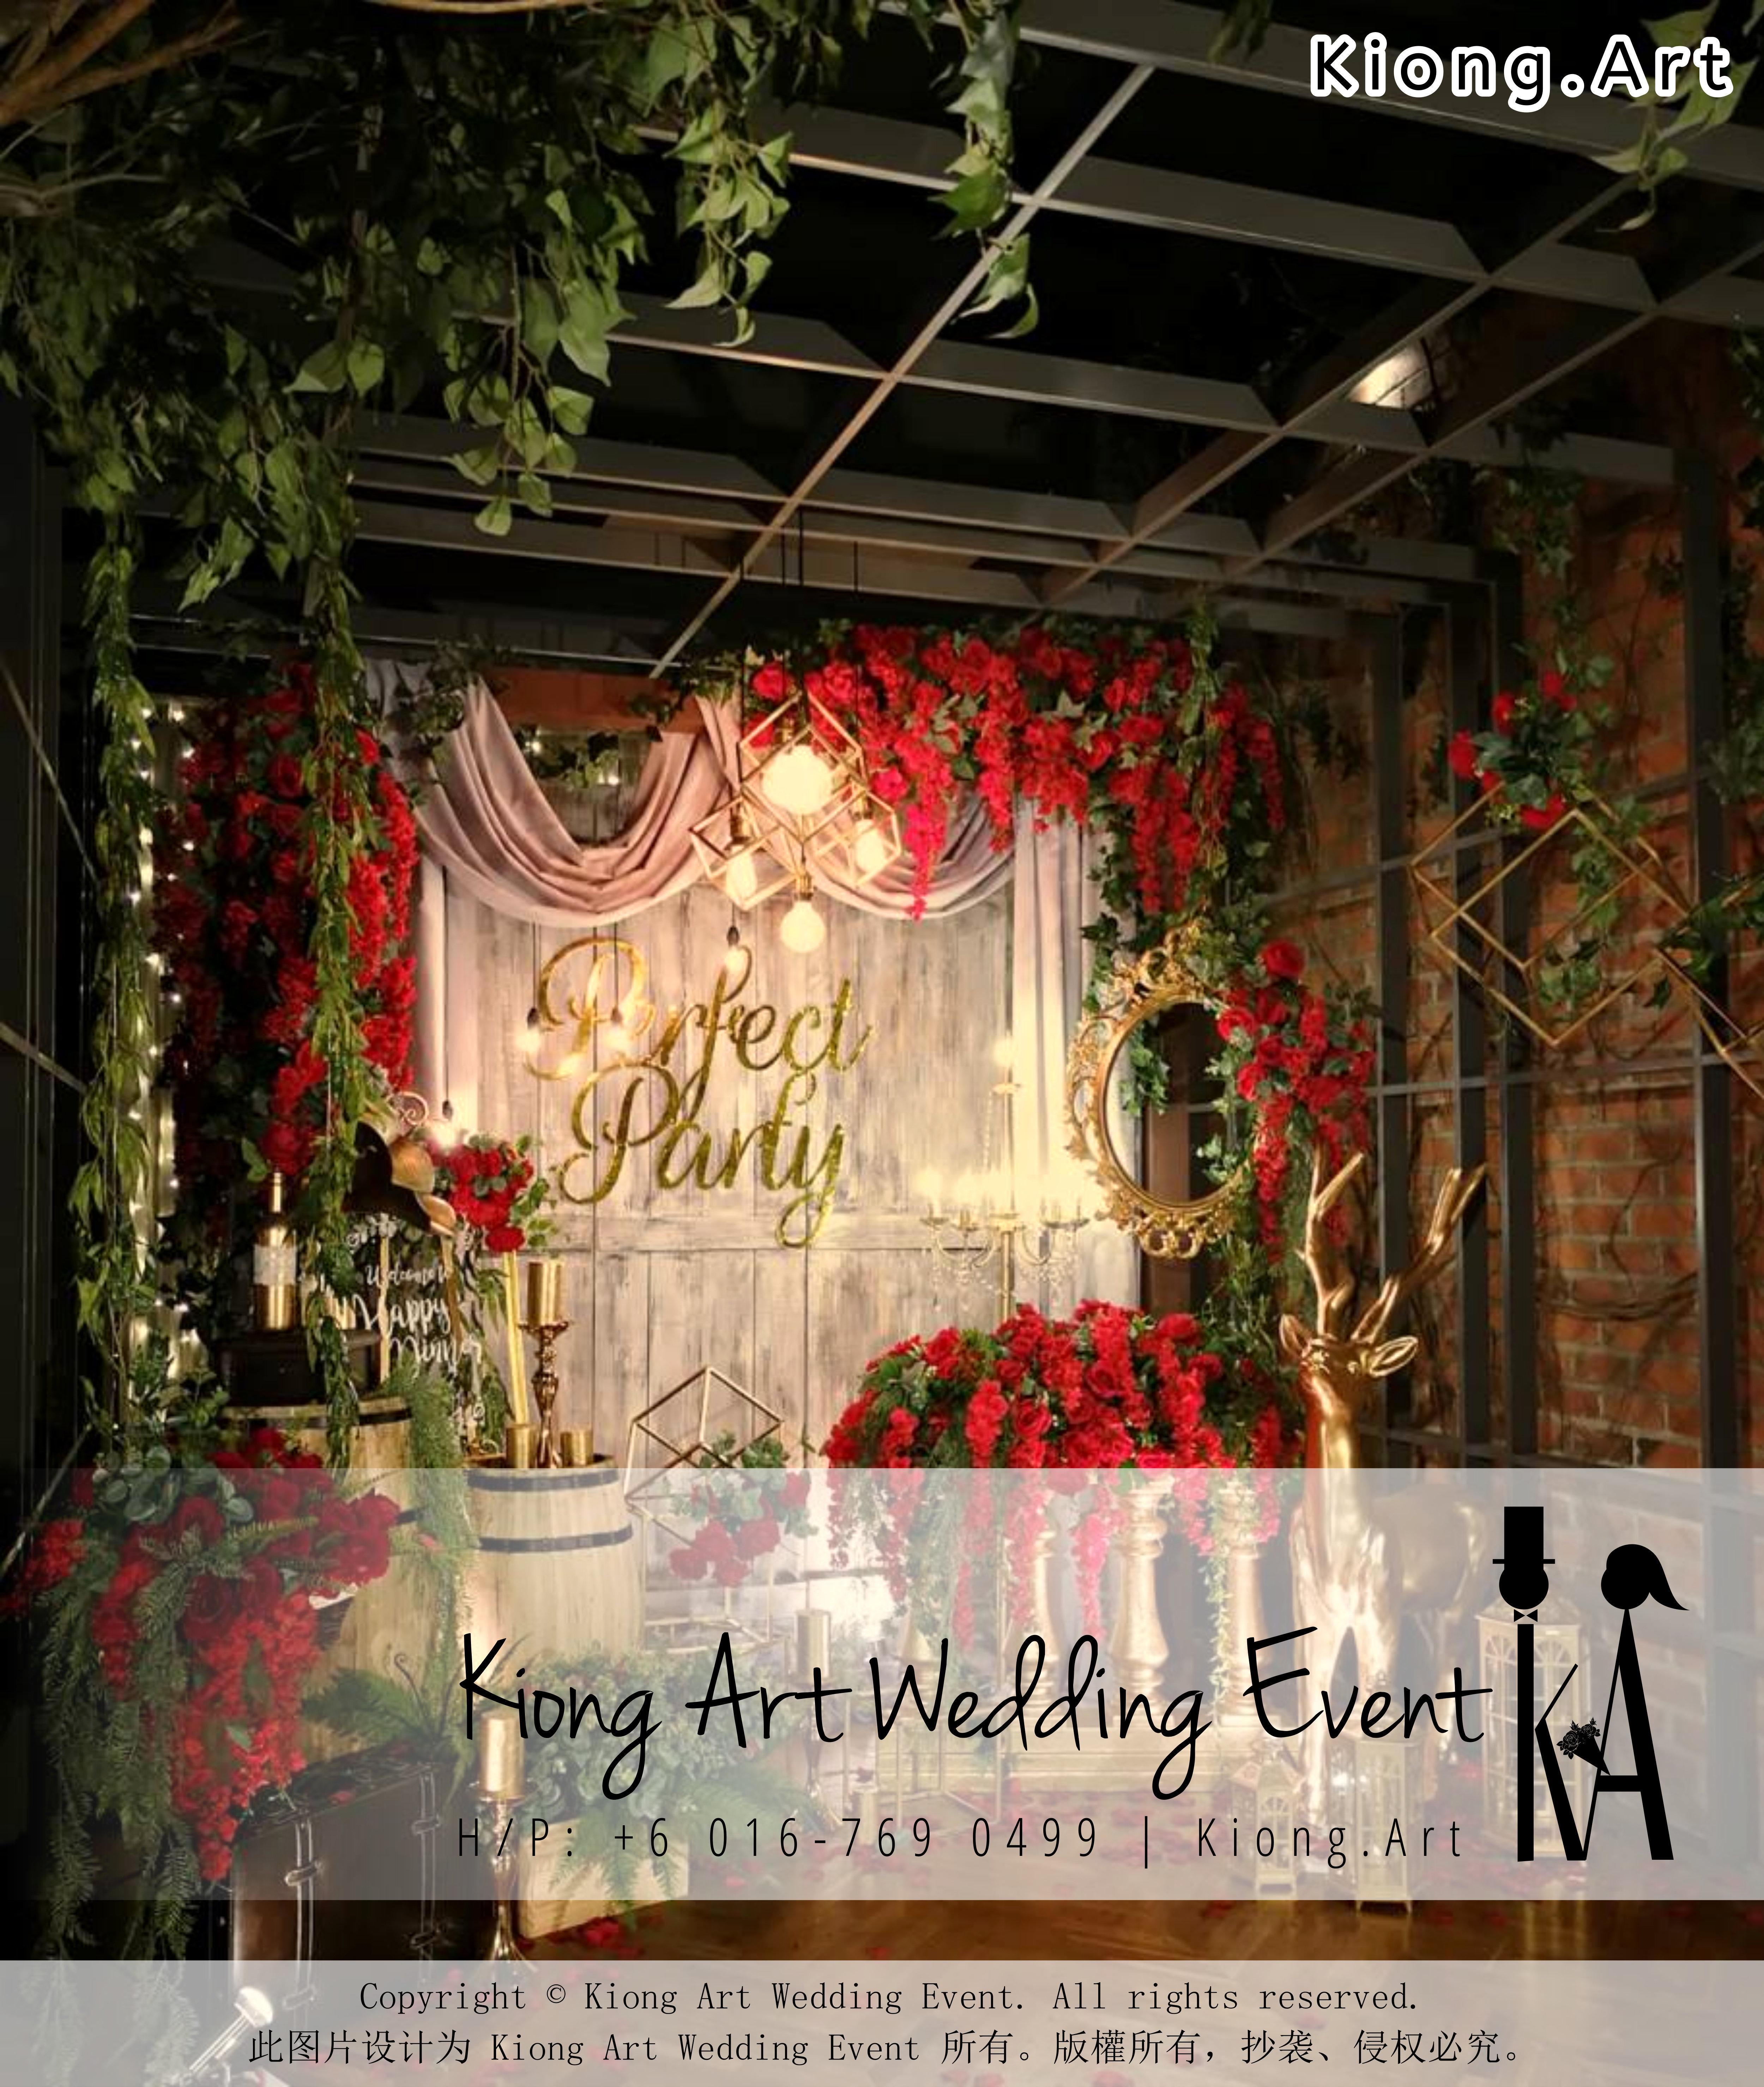 艺术之家一站式婚礼策划 Kiong Art Wedding Event 马来西亚活动布置 和 一站式婚礼策划布置公司 婚礼主题 婚礼现场 Live Band 婚礼司仪 婚礼摄影 婚礼录影 婚礼策划 自助餐 开张庆典场地布置 生日宴会布置 A01-02